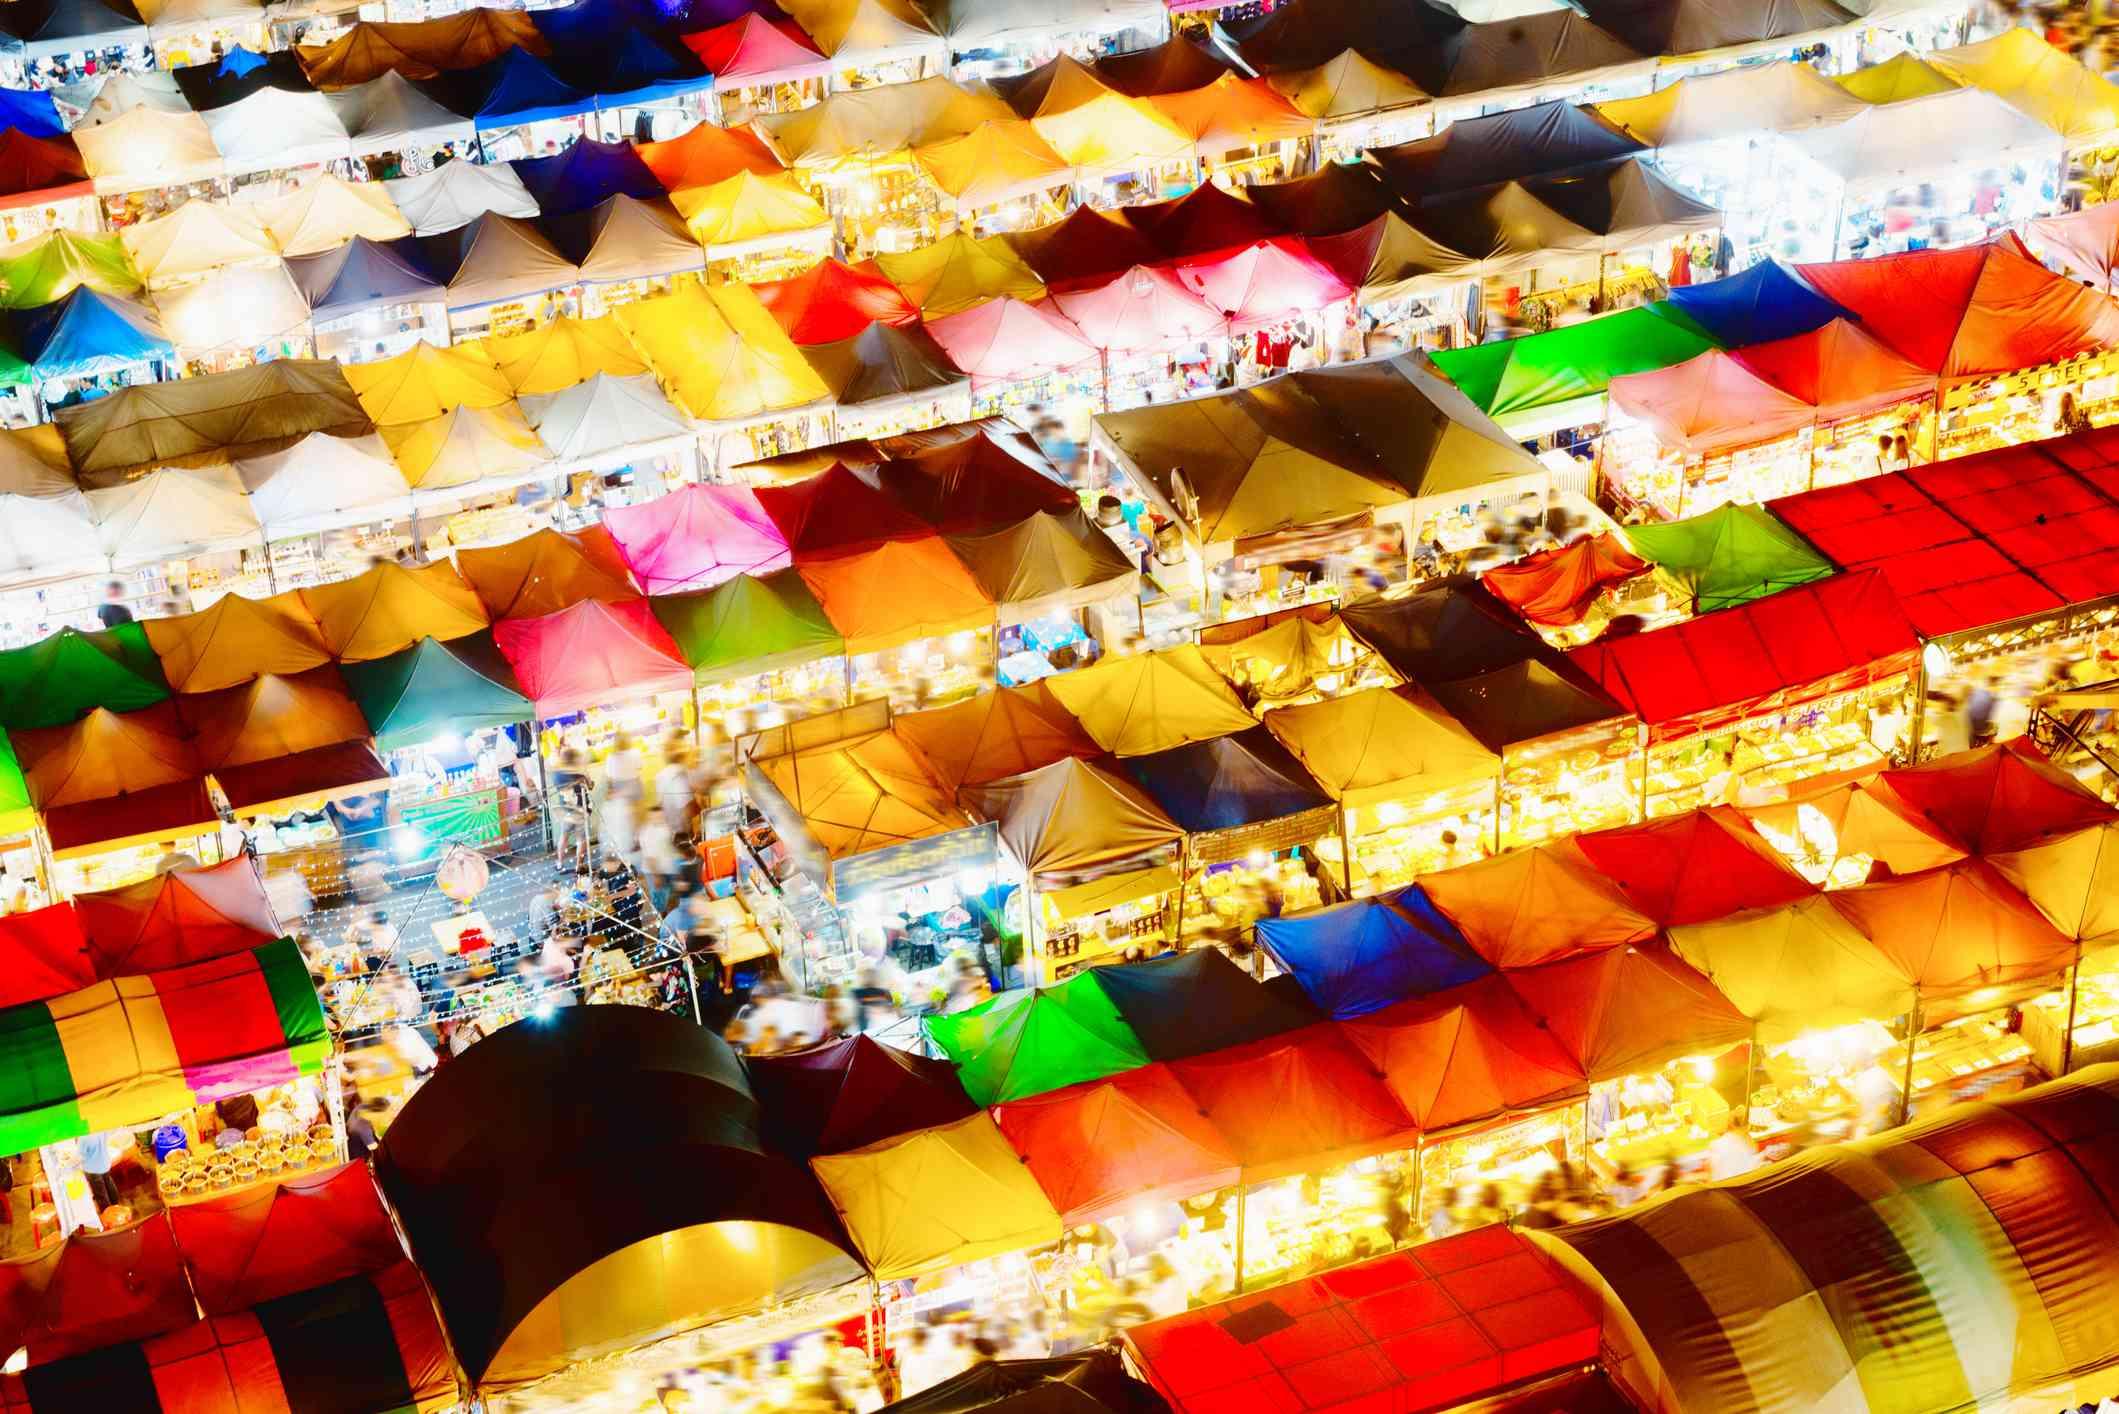 Illuminated stalls at Rot Fai Ratchada